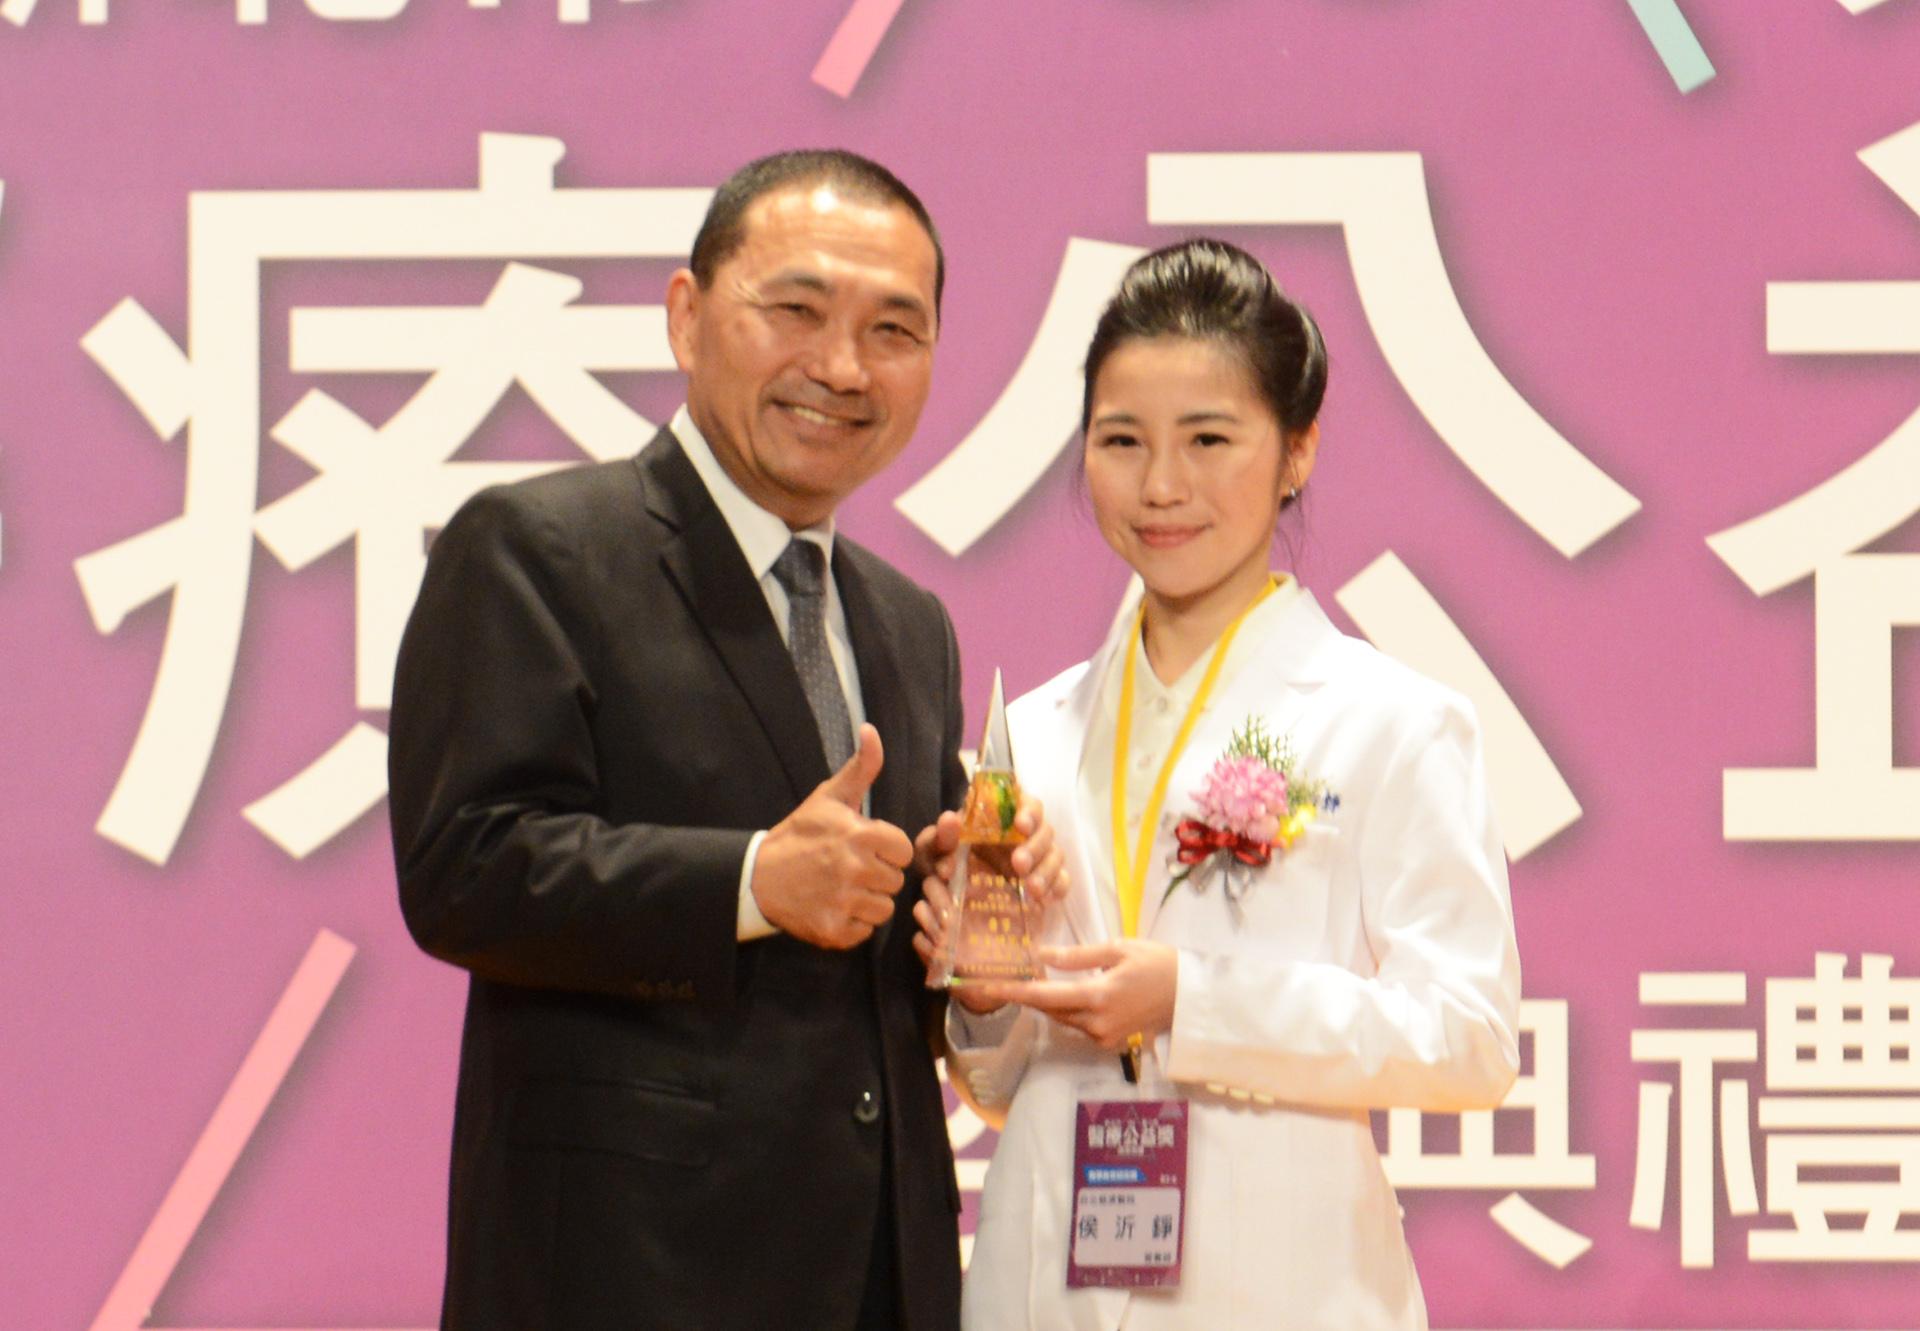 台北慈濟醫院營養科侯沂錚營養師榮獲第八屆新北市醫療公益獎「醫事教育研究獎」。